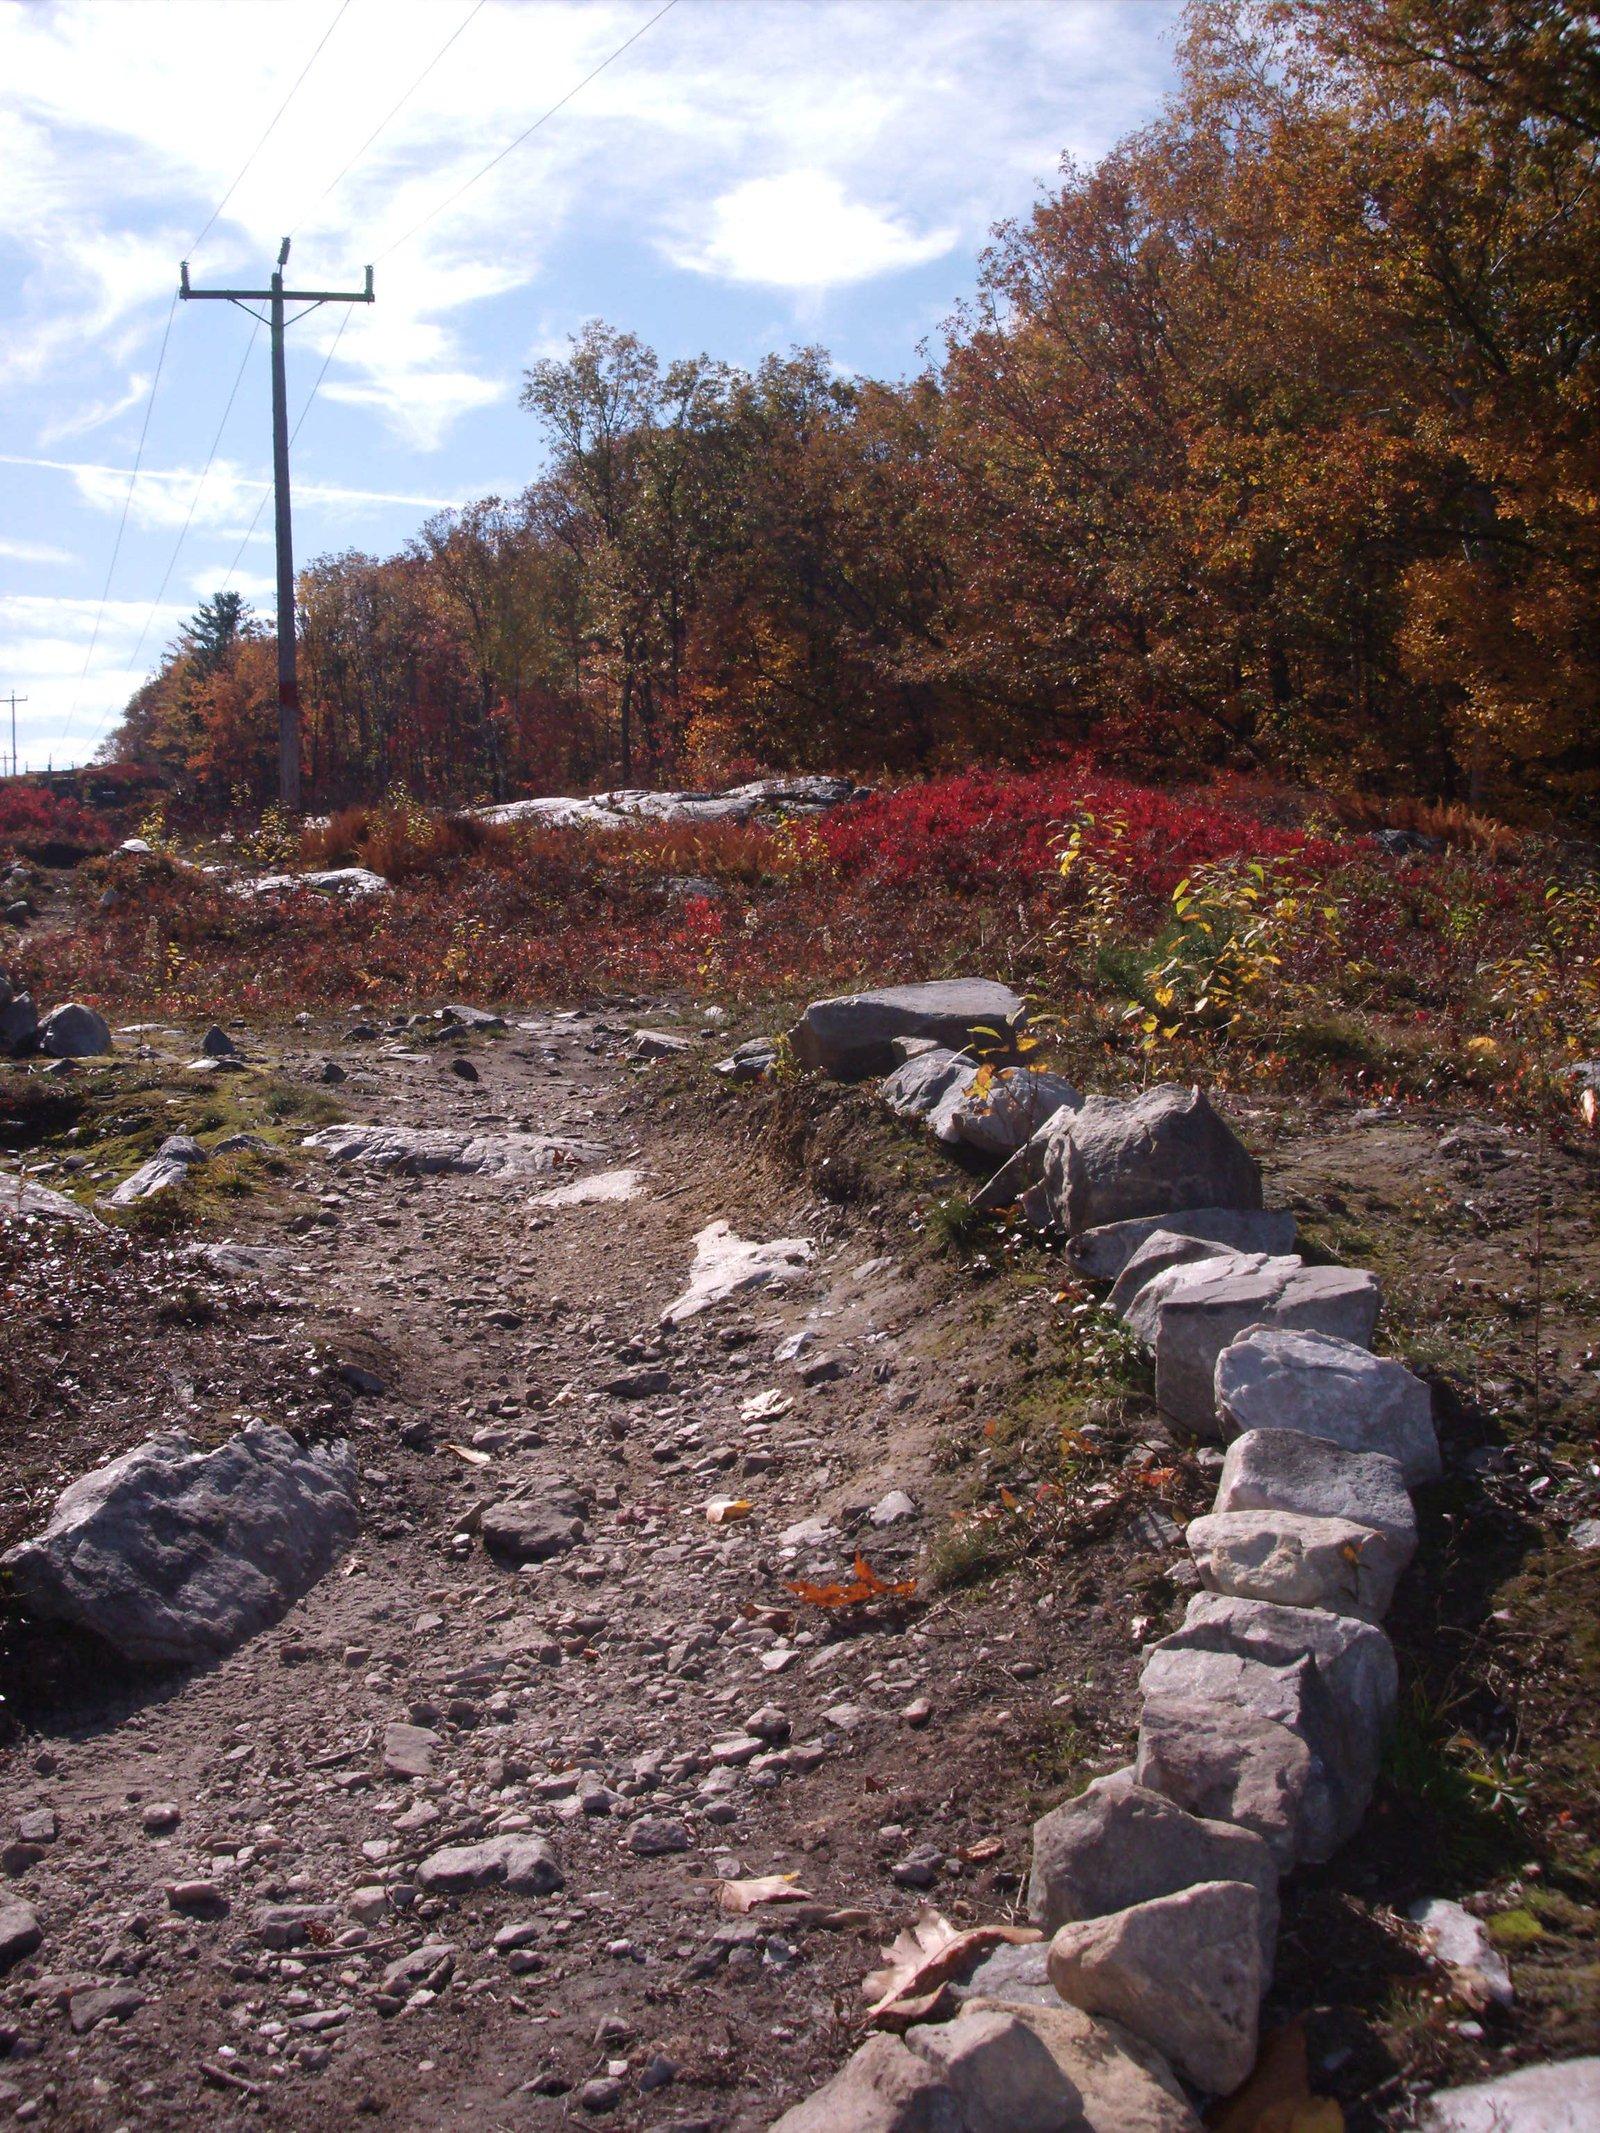 Underdog Trail